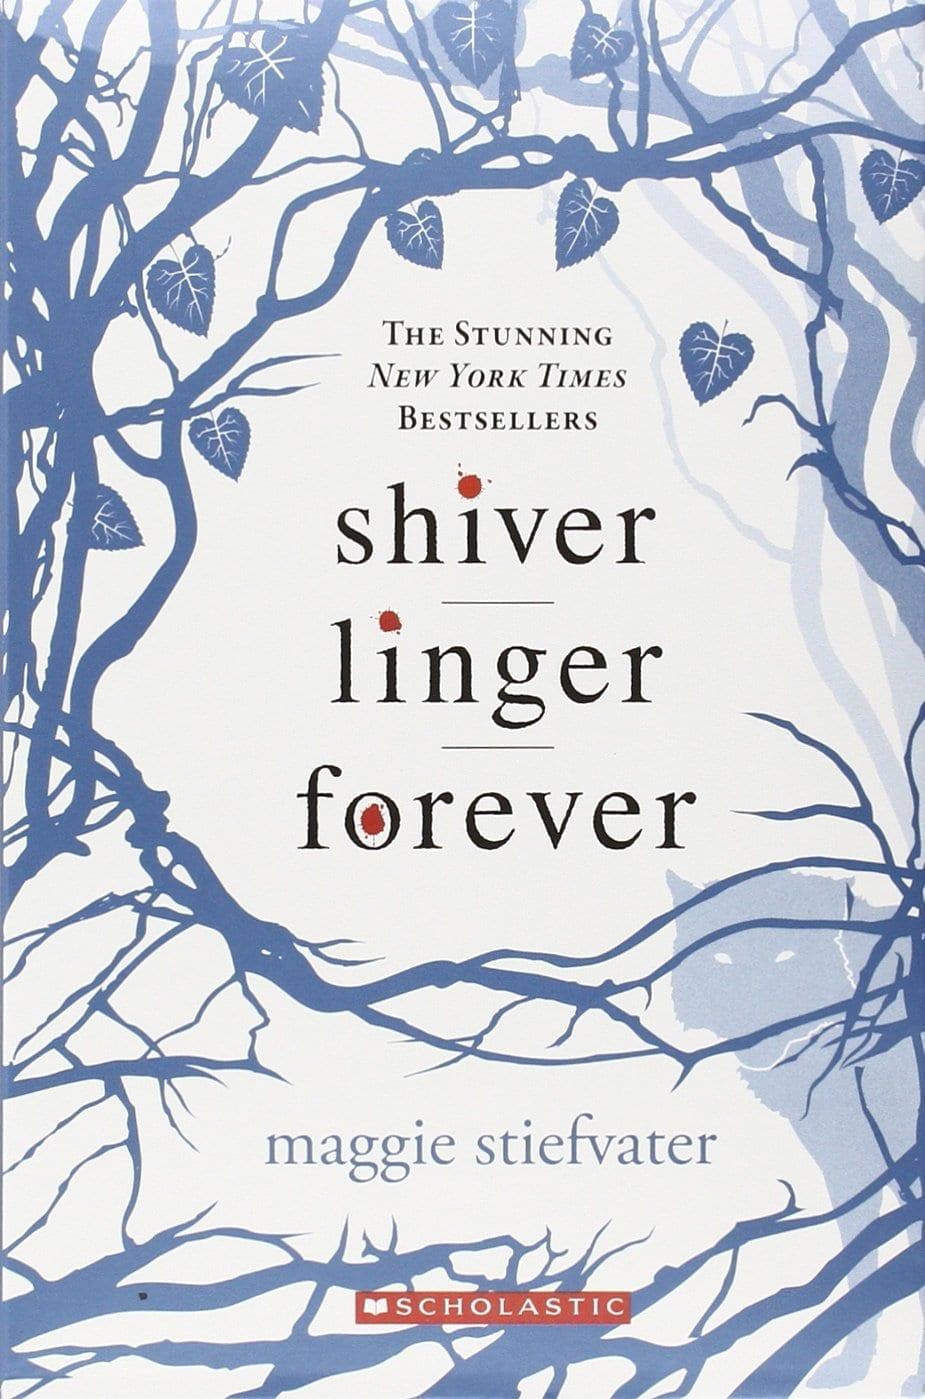 Books like Twilight - Shiver Linger Forever